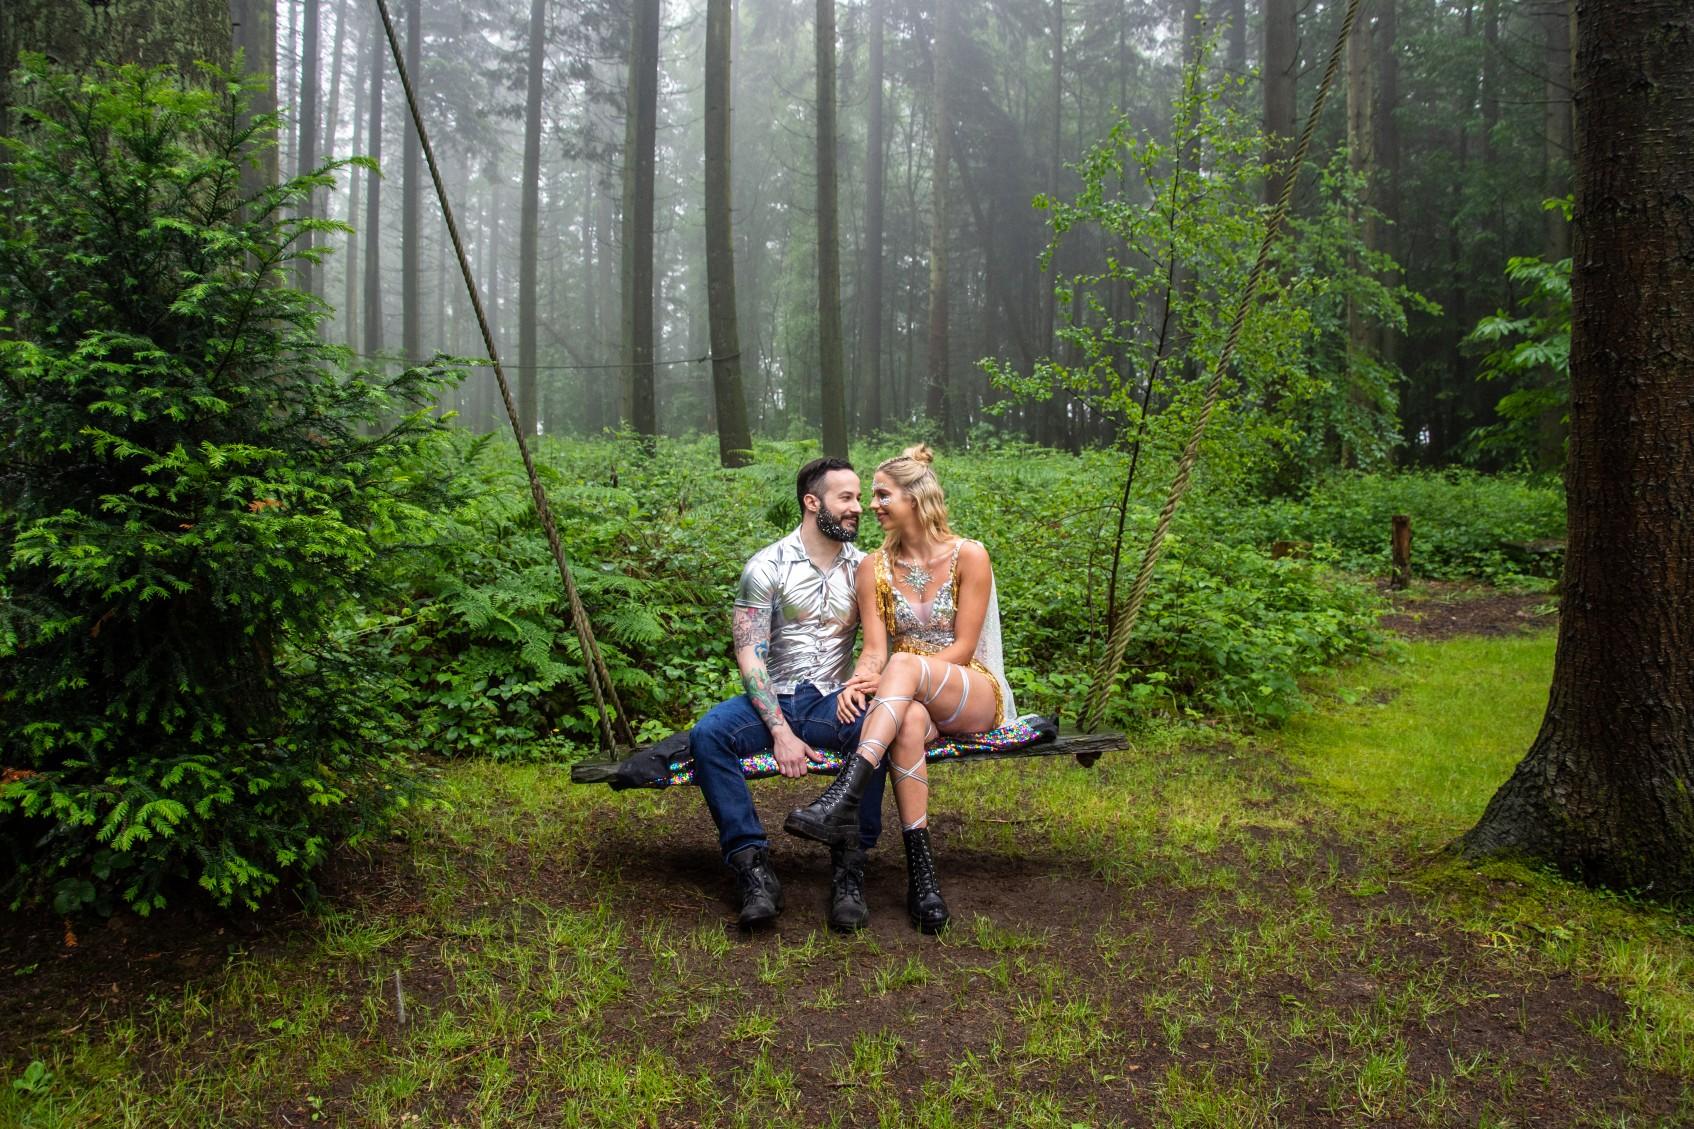 woodland wedding - festival wedding - nature wedding - festival woodland wedding